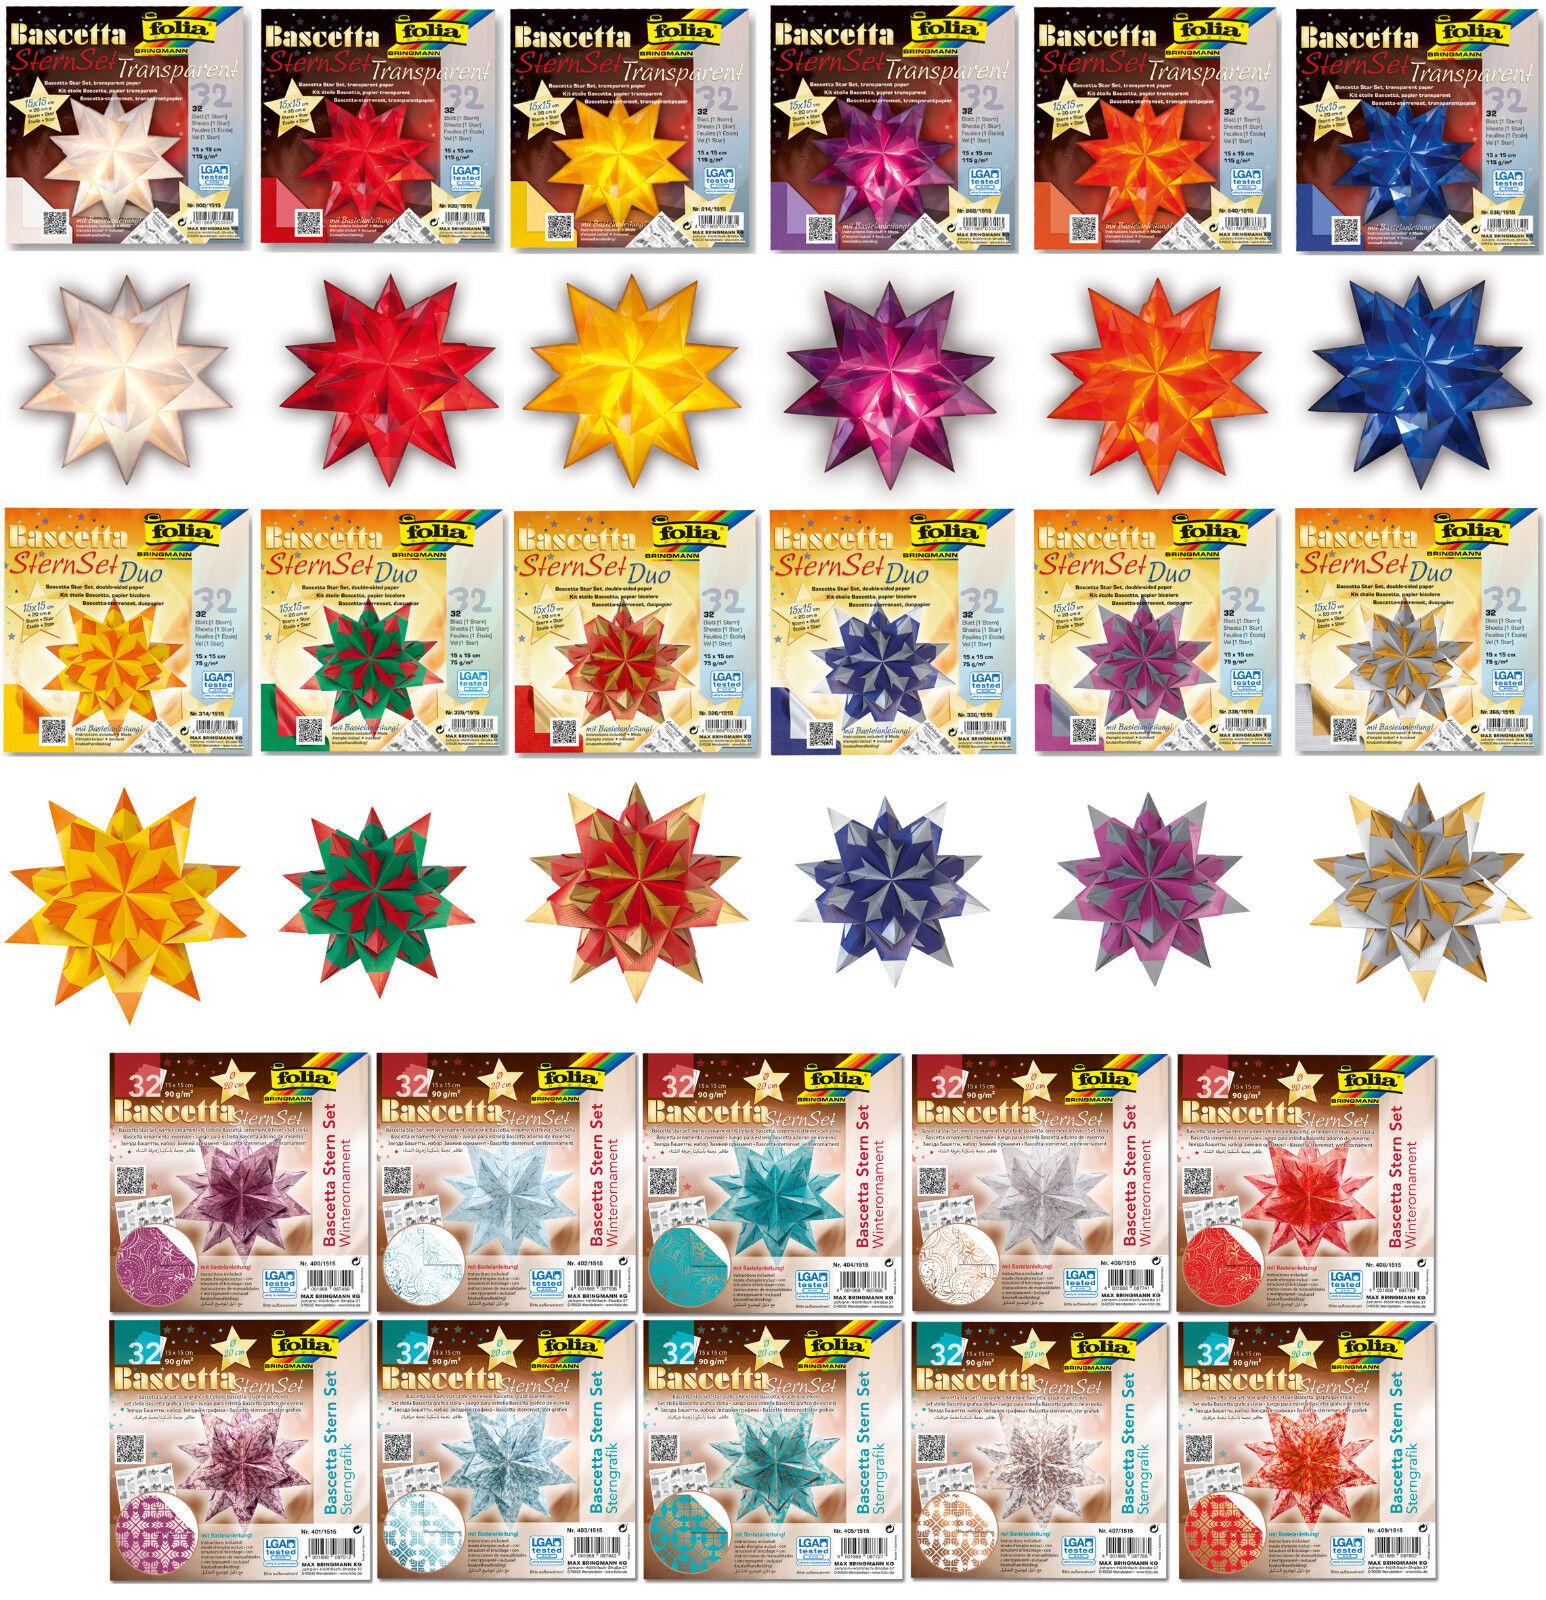 Bascetta Stern Set folia® 32 Blatt, große Farbwahl, viele Größen bis 30x30cm